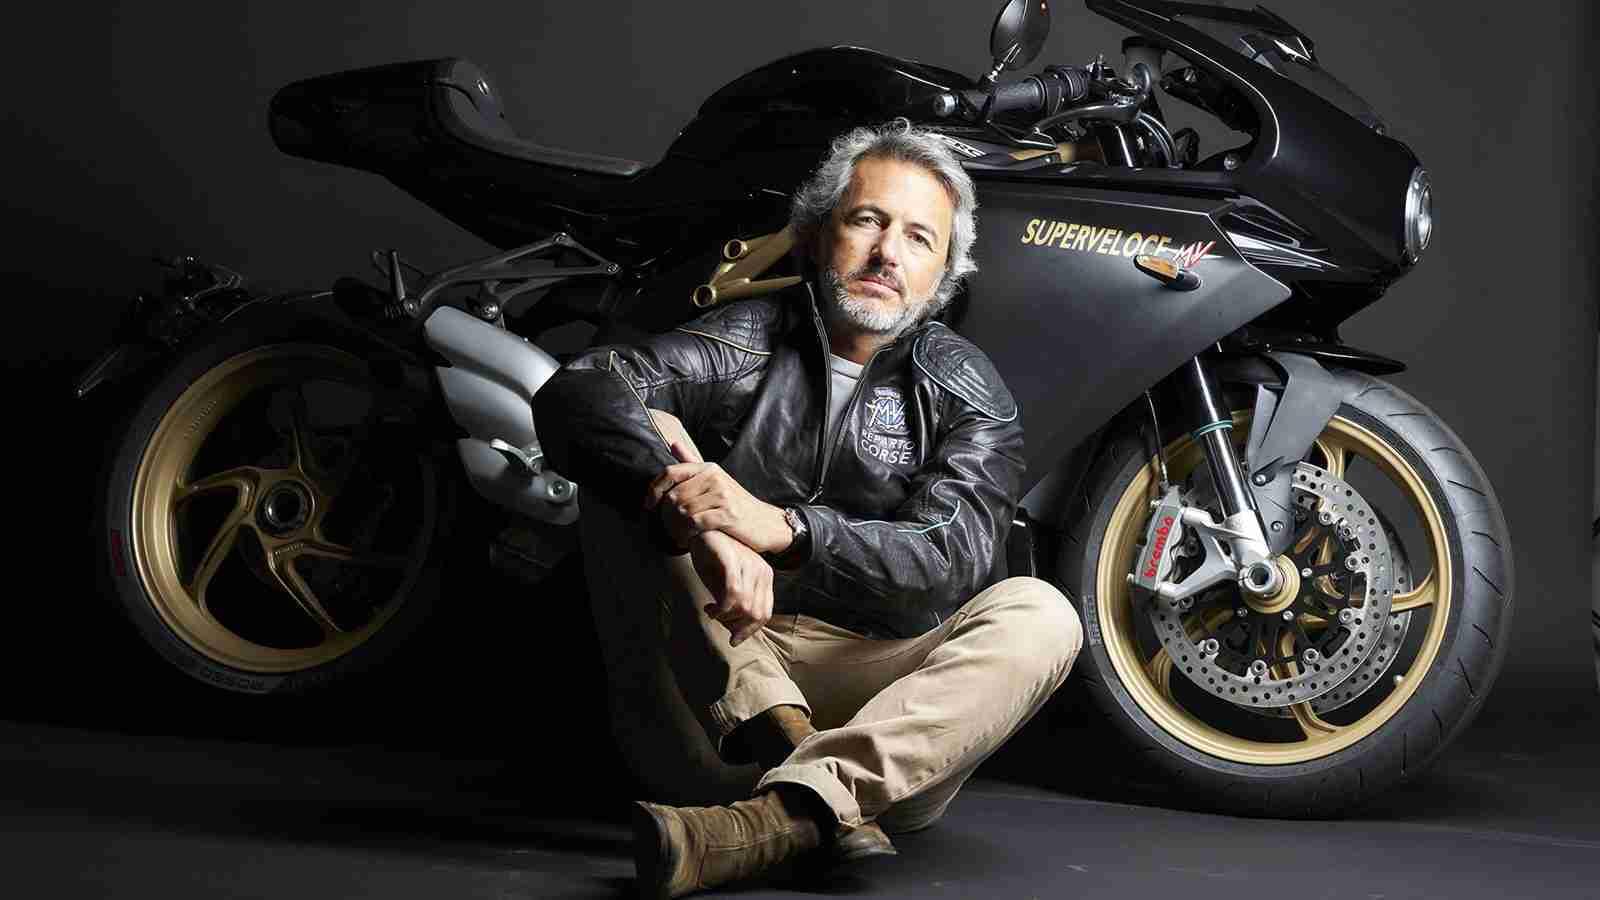 MV Agusta Group Marketing Director Filippo Bassoli